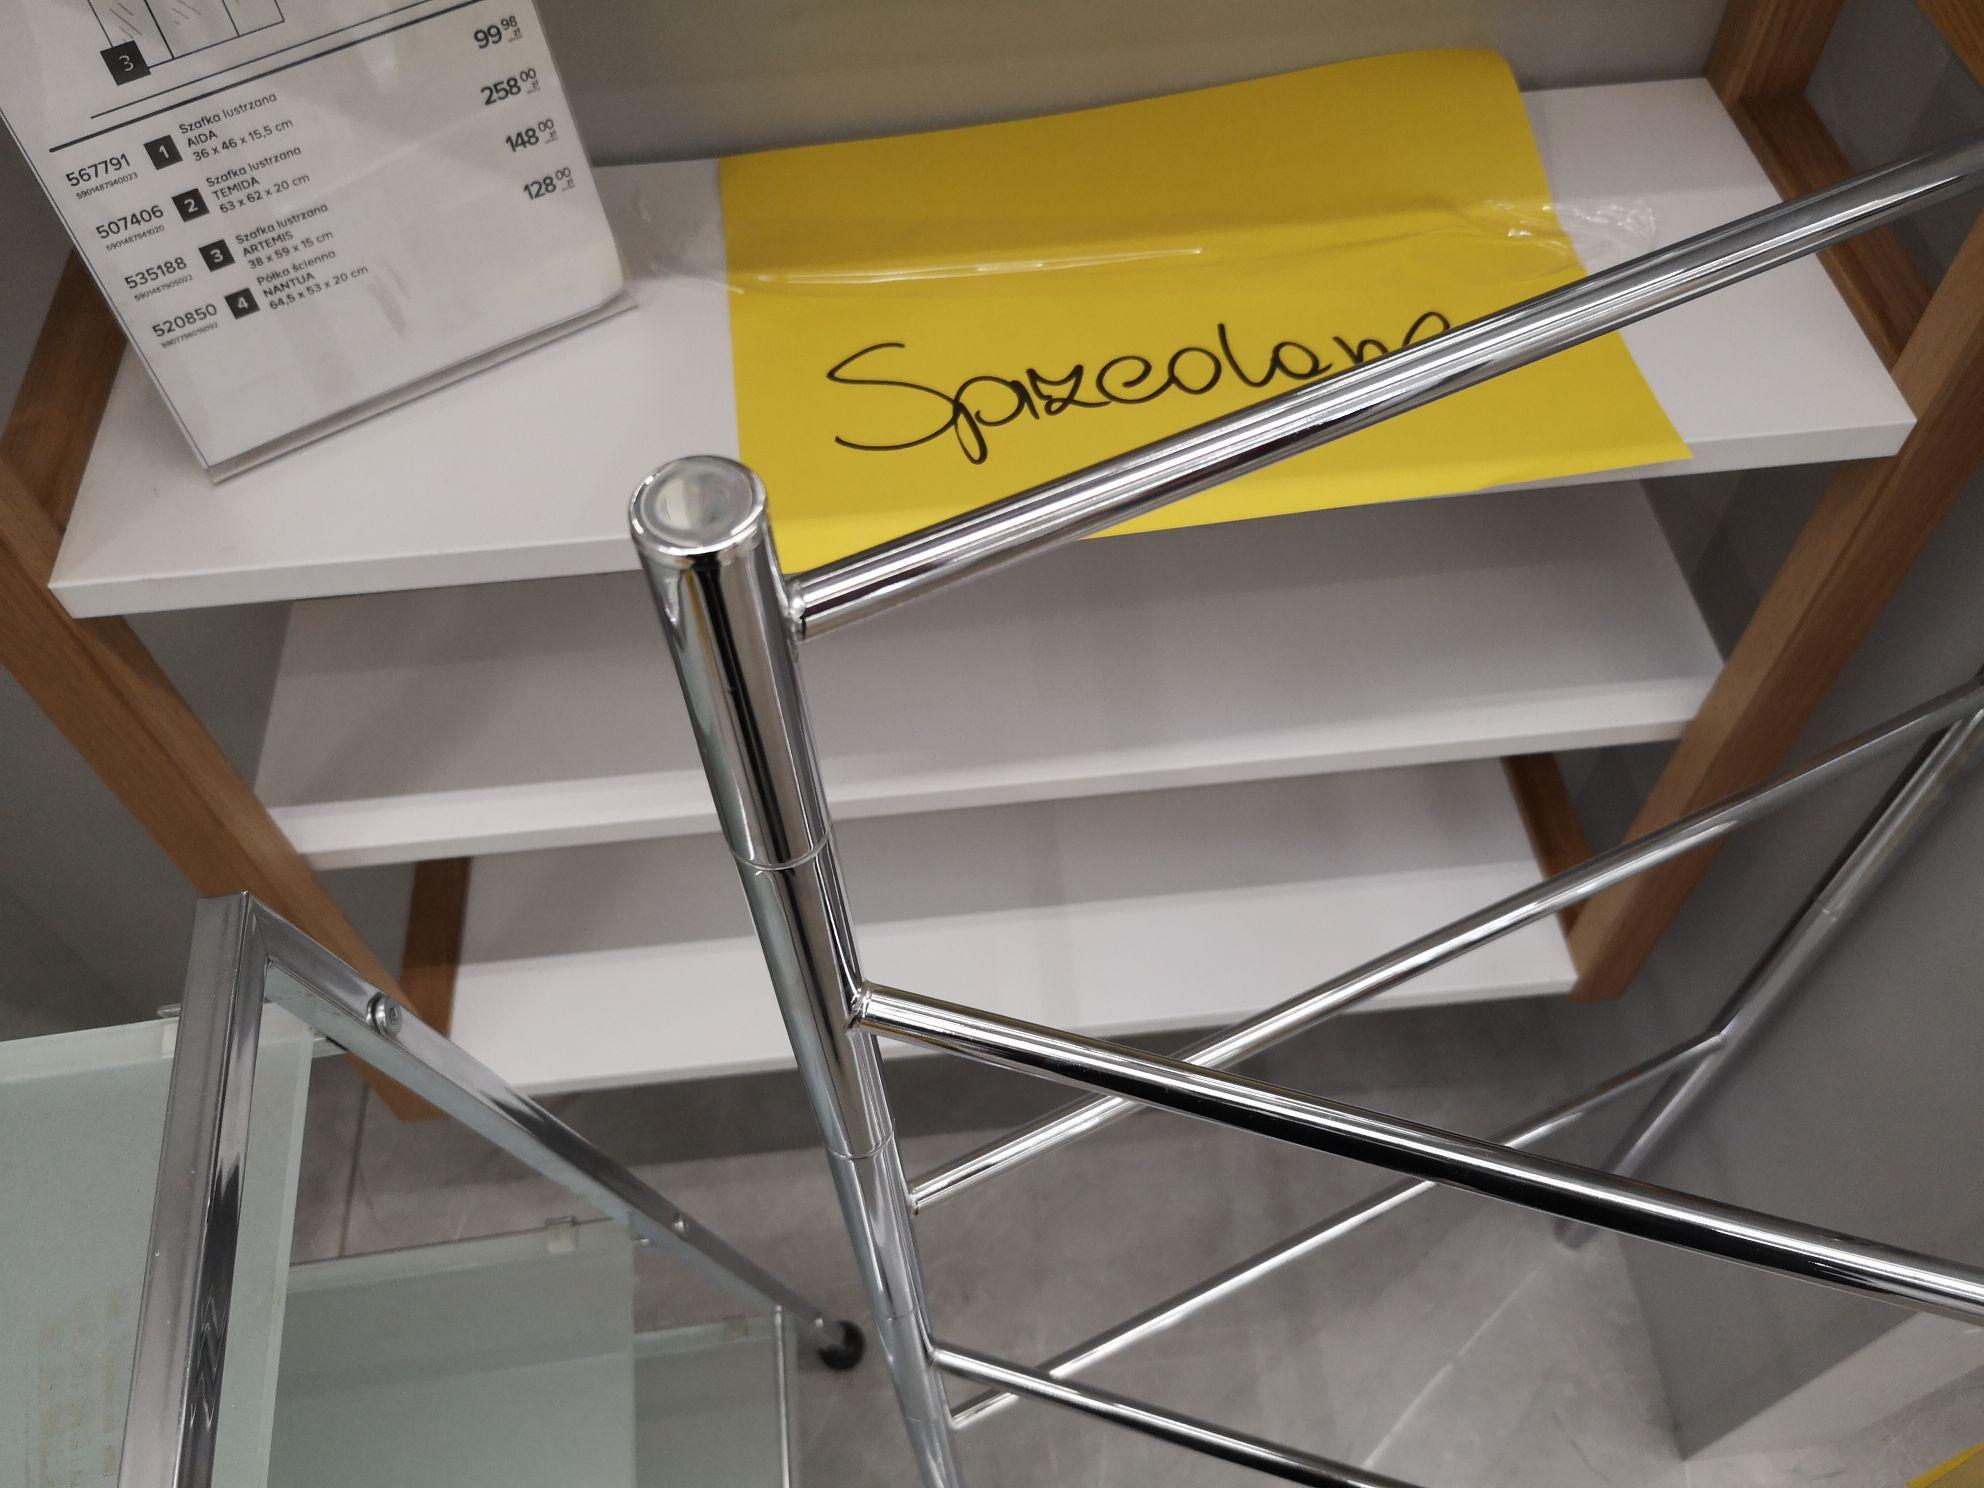 Castorama Jelenia Góra 50% rabatu na meble łazienkowe, kuchenne, brodziki i kabiny z ekspozycji